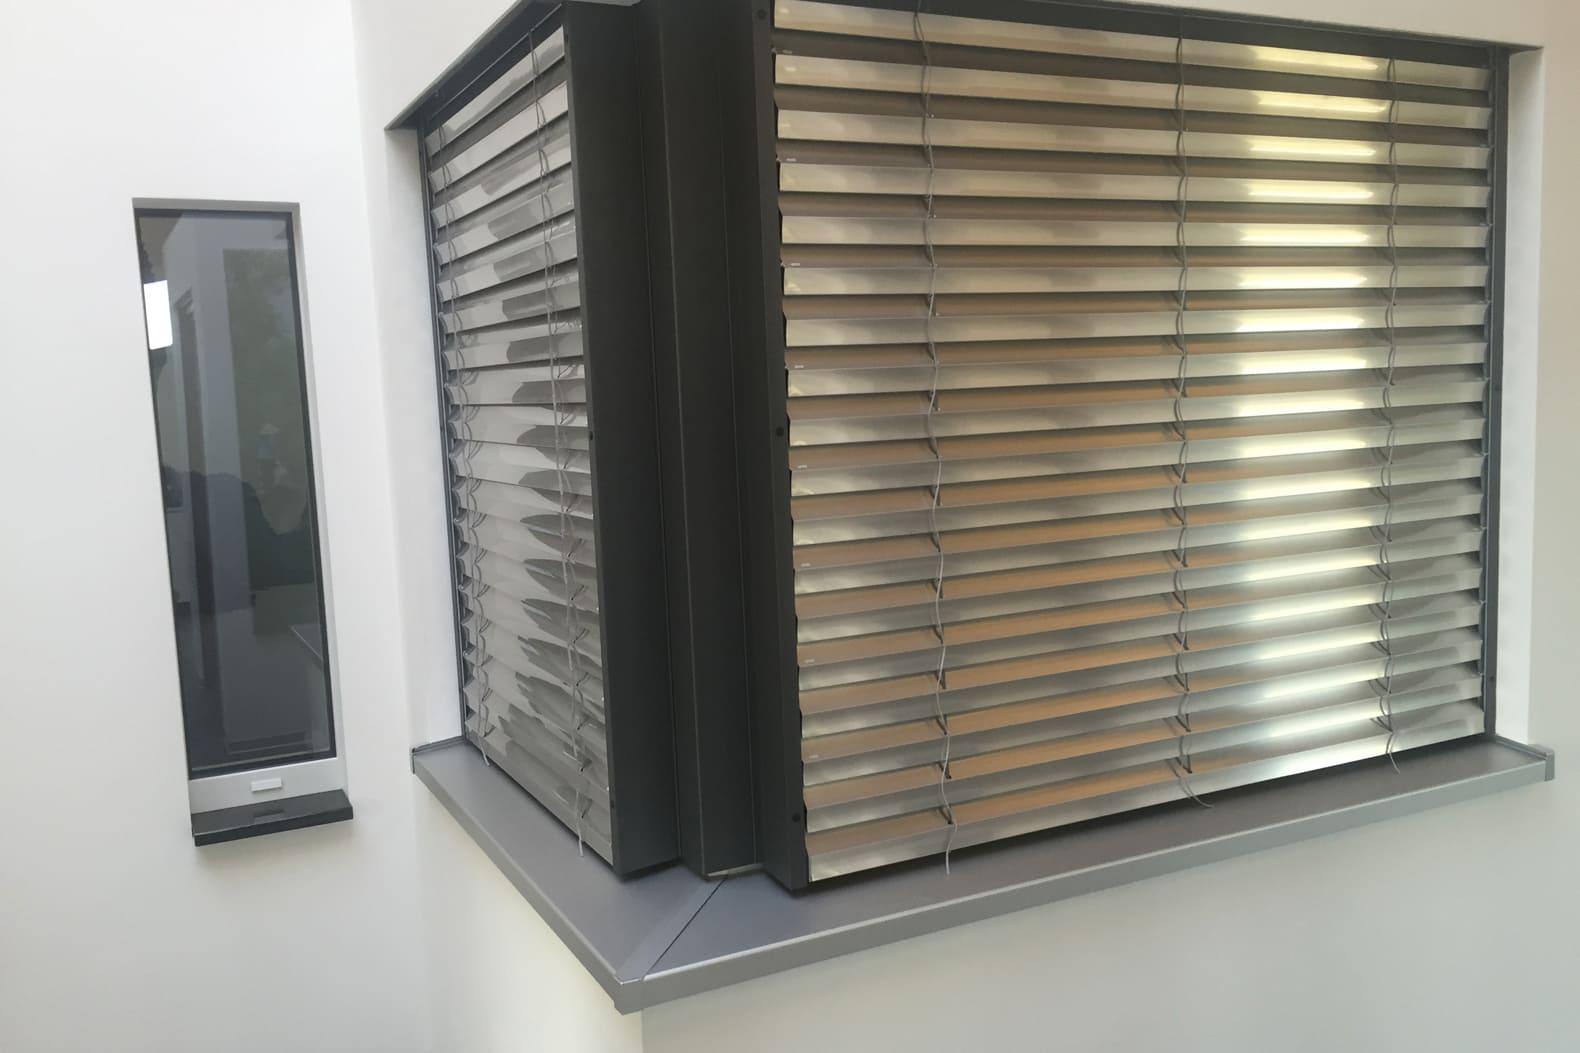 Jalousie Aluminium-Holzfenster Wendlingen Frank Dreher Referenz 1